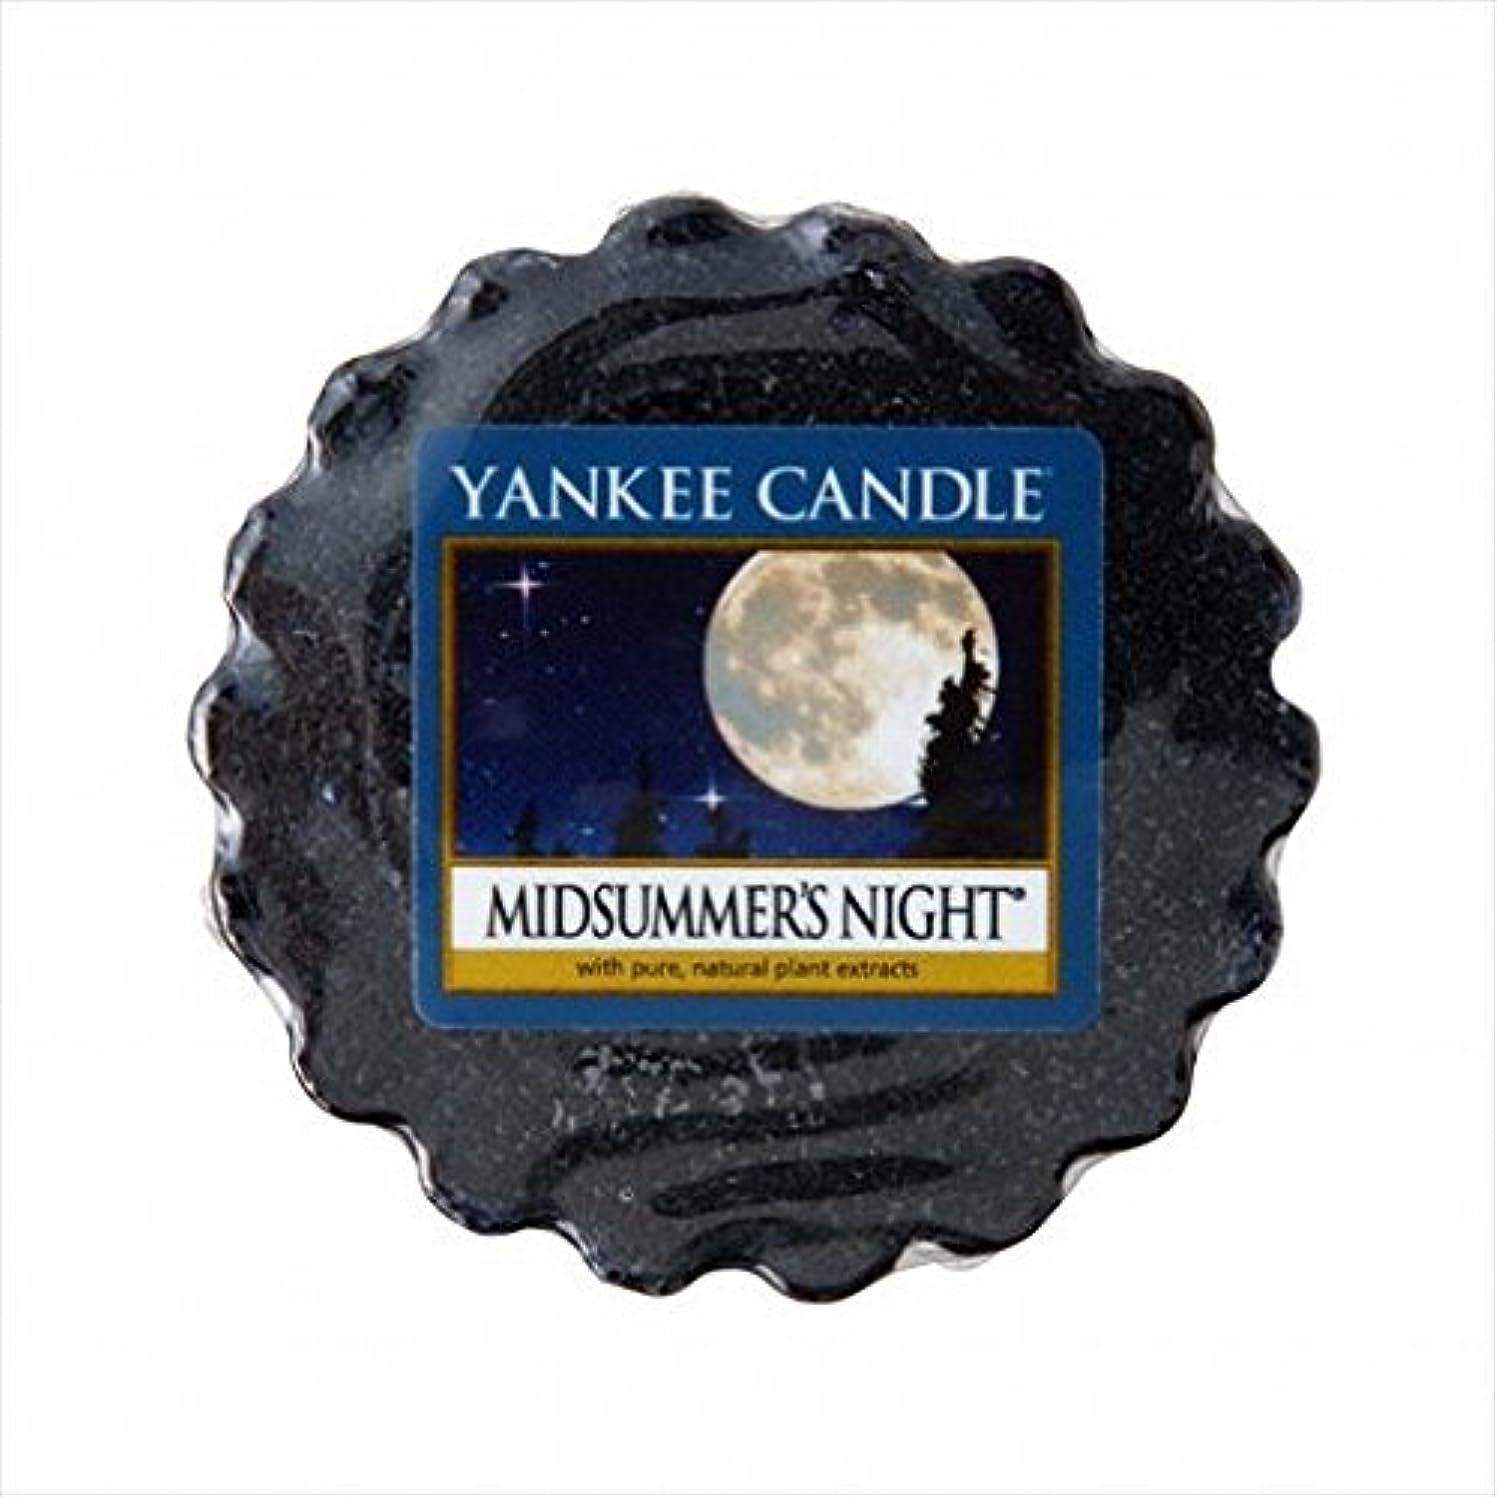 目を覚ます容器クラックポットカメヤマキャンドル(kameyama candle) YANKEE CANDLE タルト ワックスポプリ 「 ミッドサマーズナイト 」